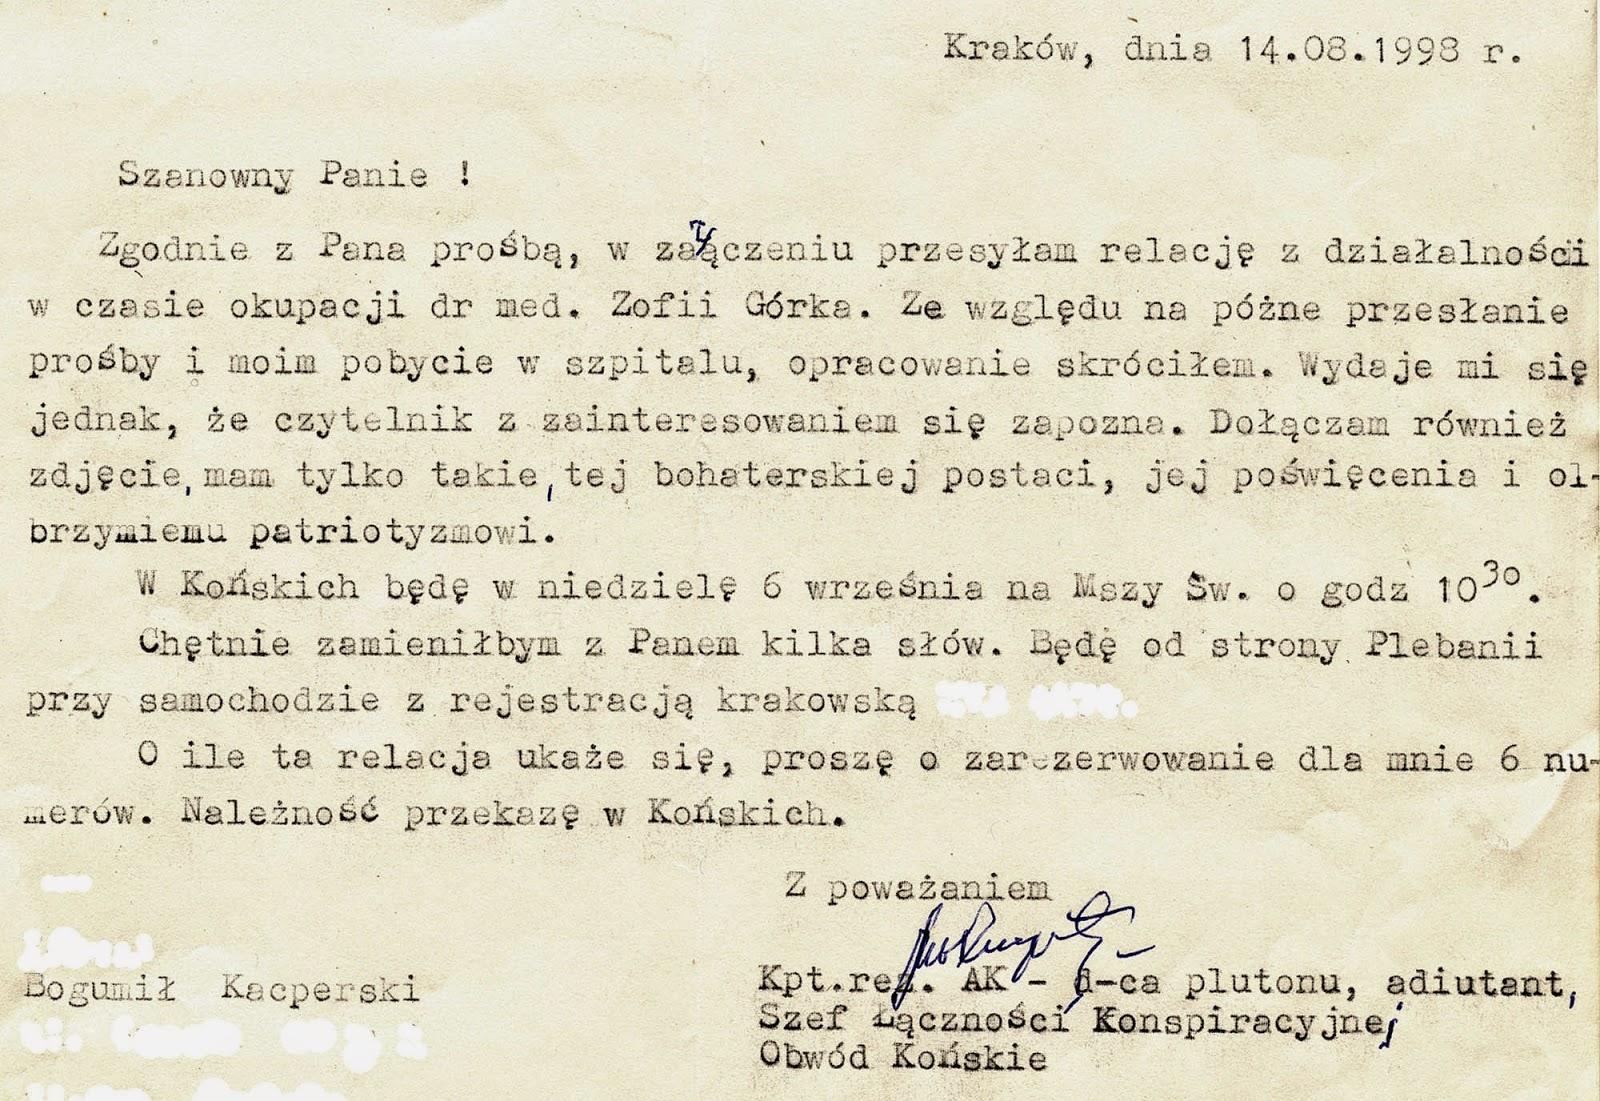 Bardzo sobie cenię krótką znajomość z Bogumiłem Kacperskim - przechowuję wszystkie listy i otrzymane artykuły. Artykuł ukazał się w jedniodniówce: Konecki Wrzesień, nr 3, wrzesień 1998 - KW.